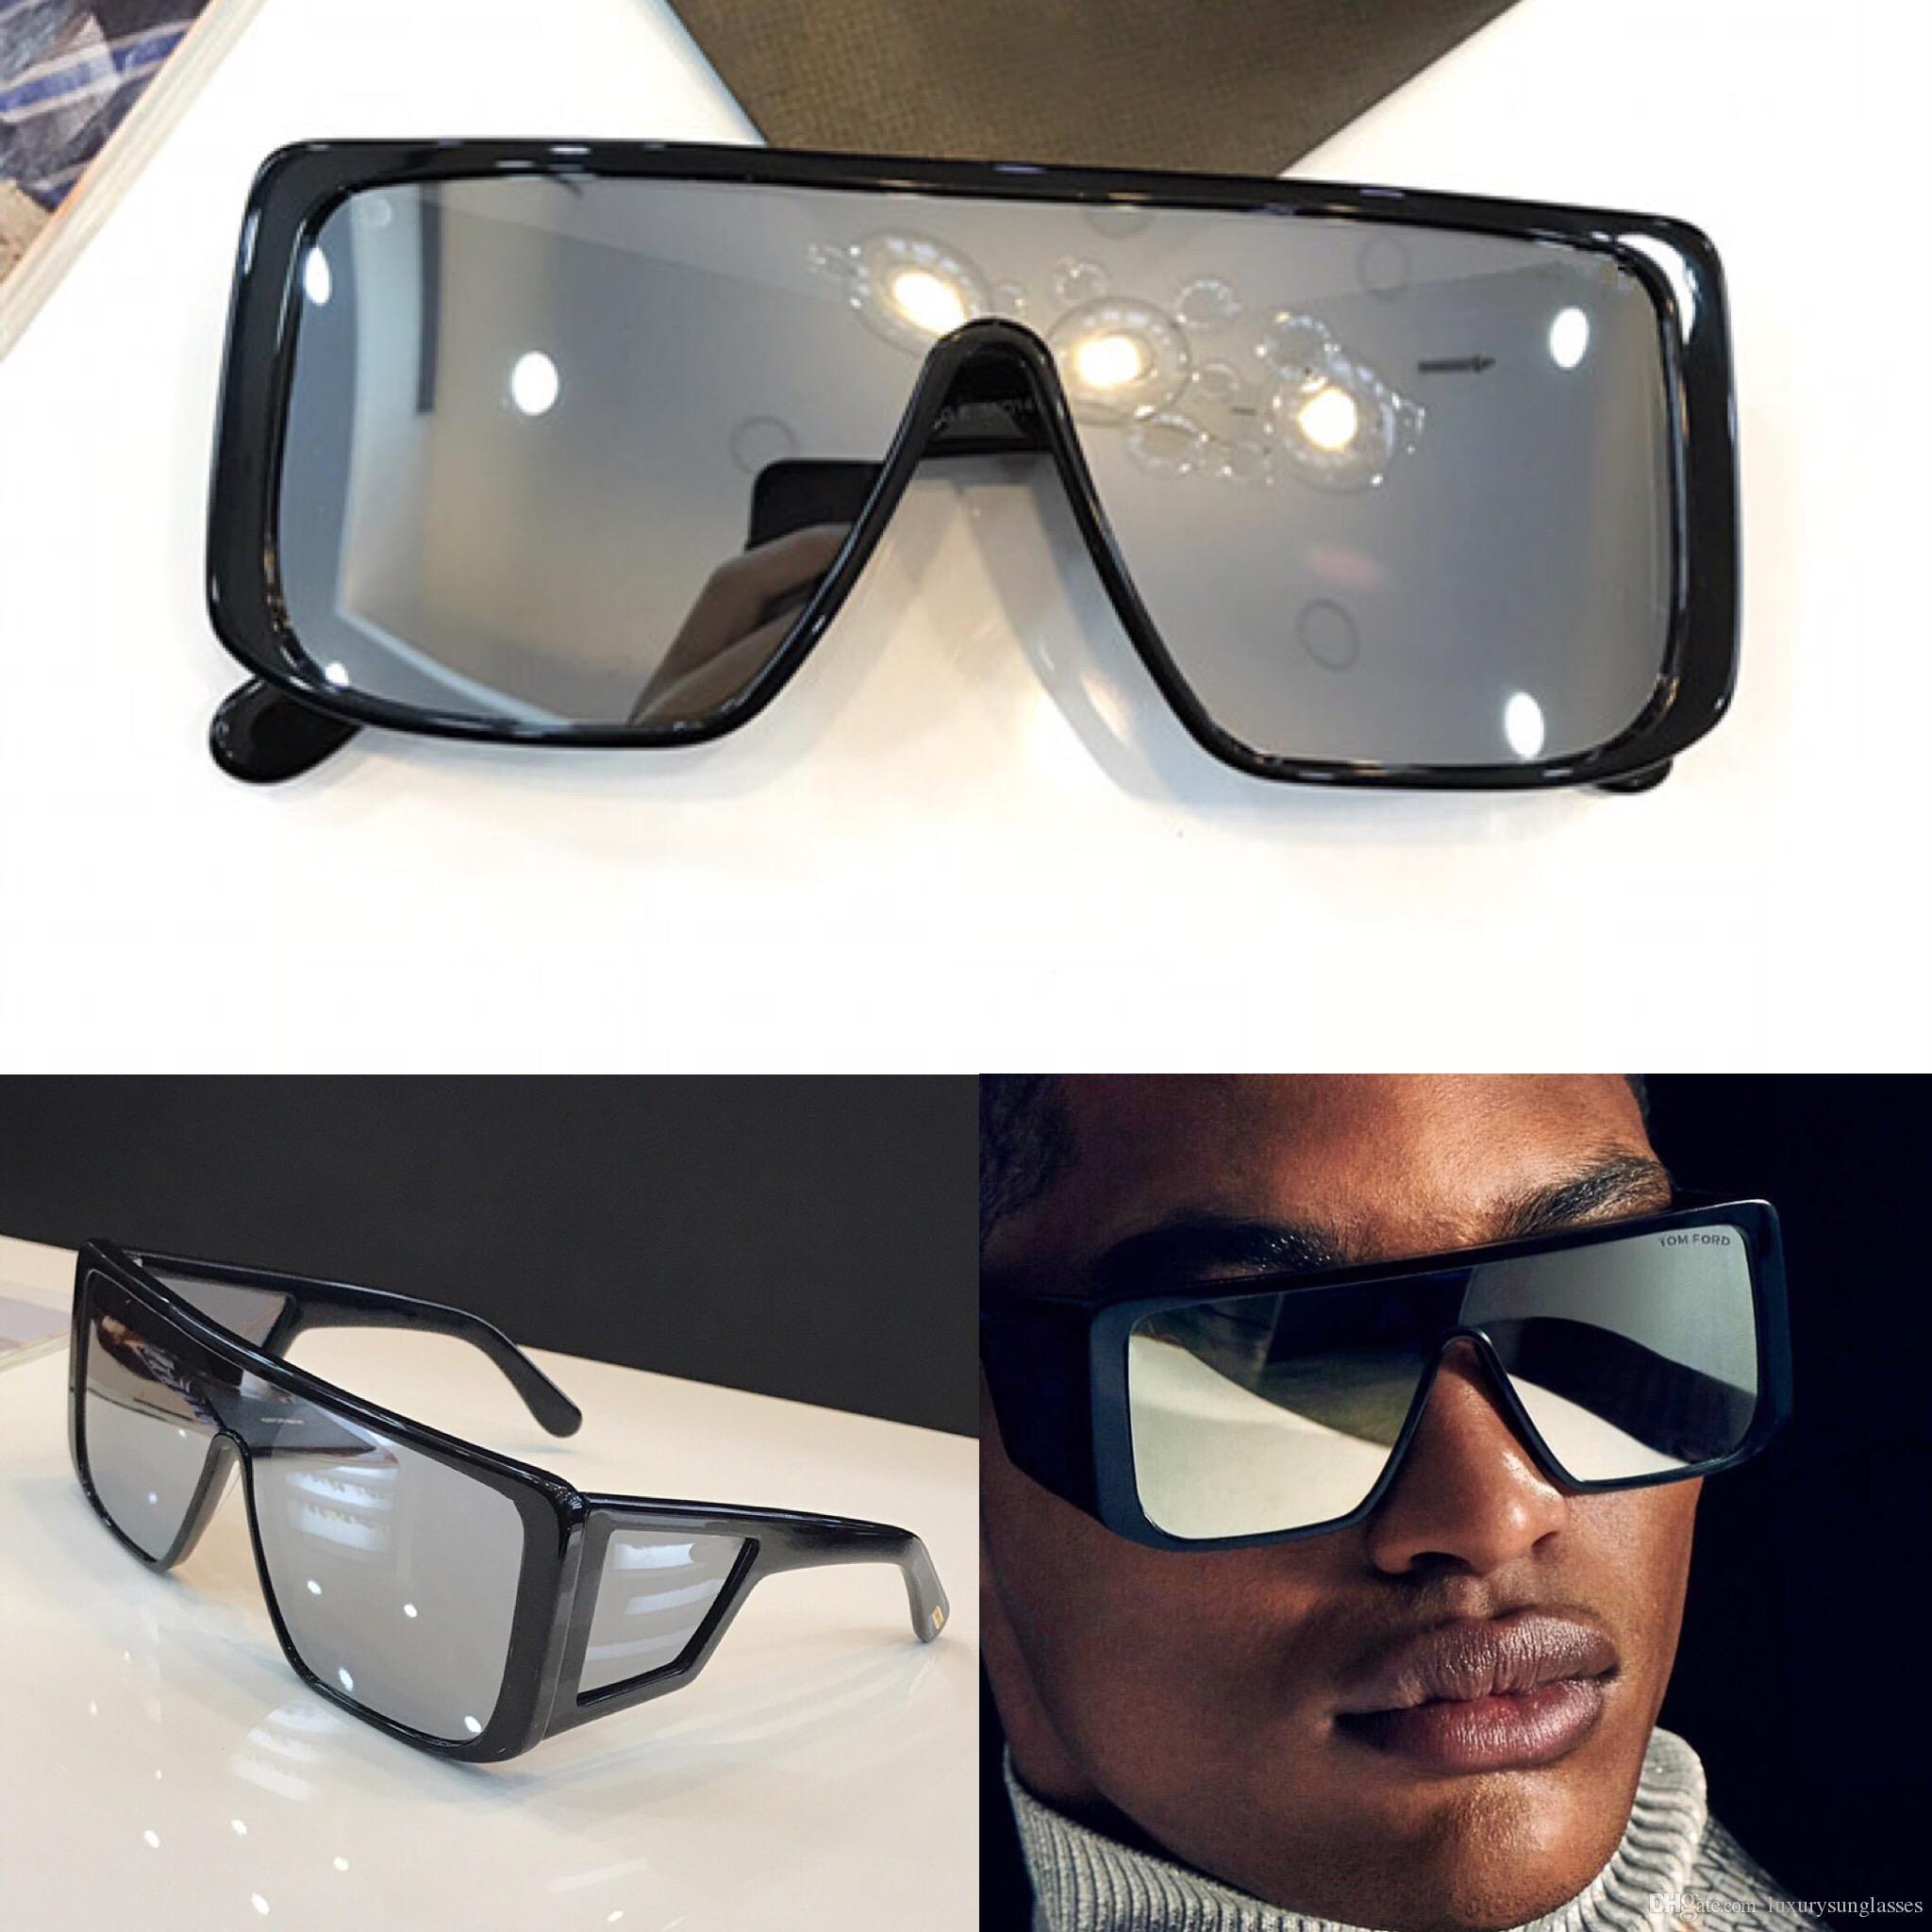 6e878b881454d Compre Nova Marca De Moda Designer De Óculos De Sol 0710 Praça Quadro  Tendência De Vanguarda Para Homens E Mulheres Top Quality Vendendo Uv400  Nobre Eyewear ...